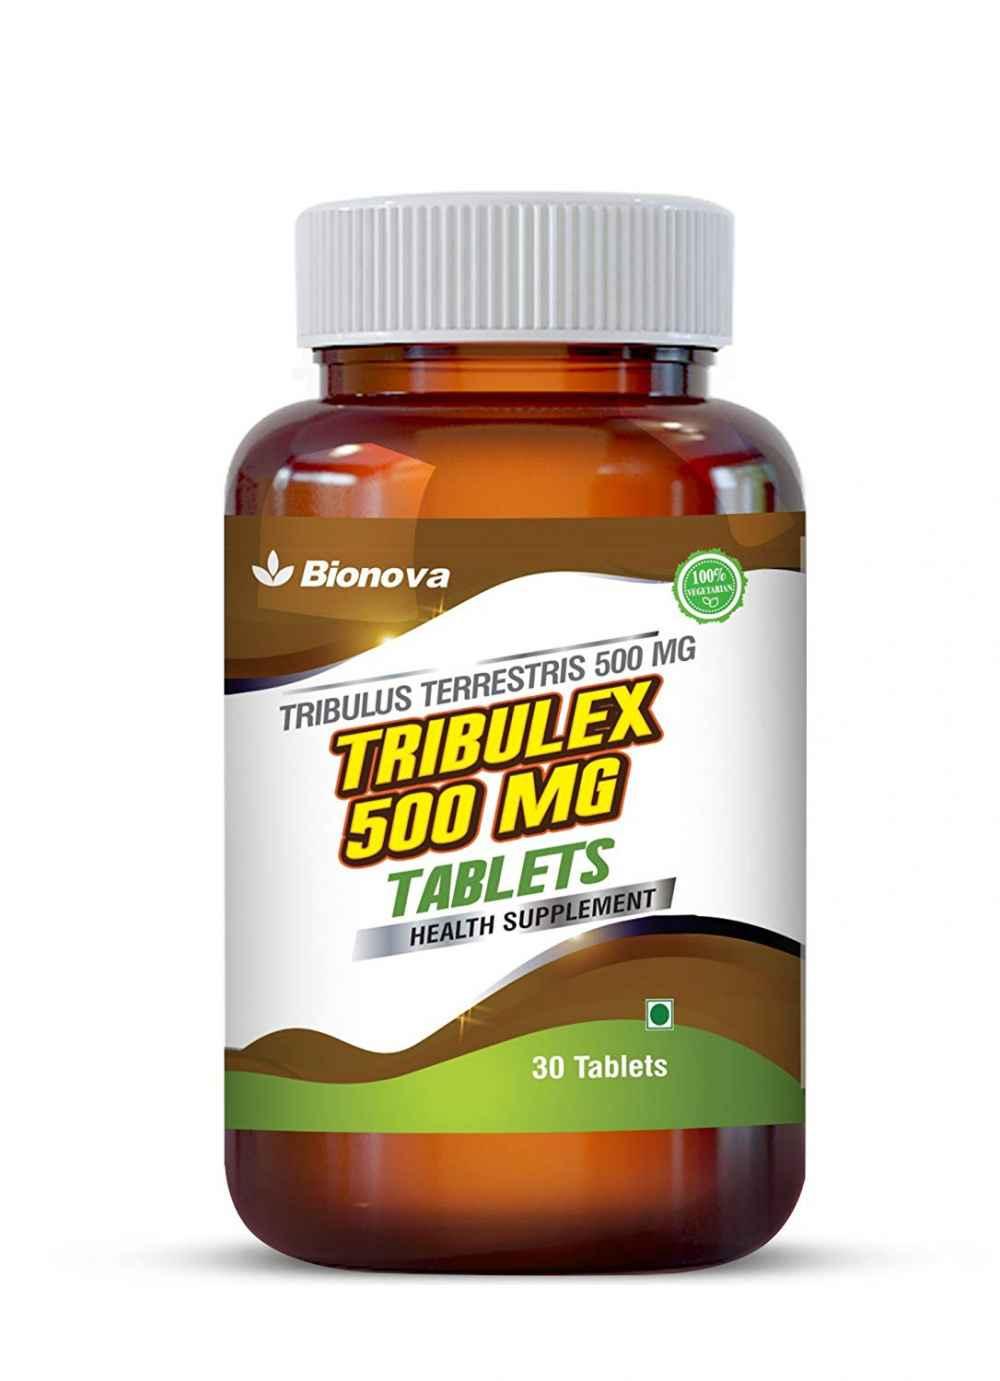 Tribulex - Tribulus terrestris 500mg, 30 Tablets